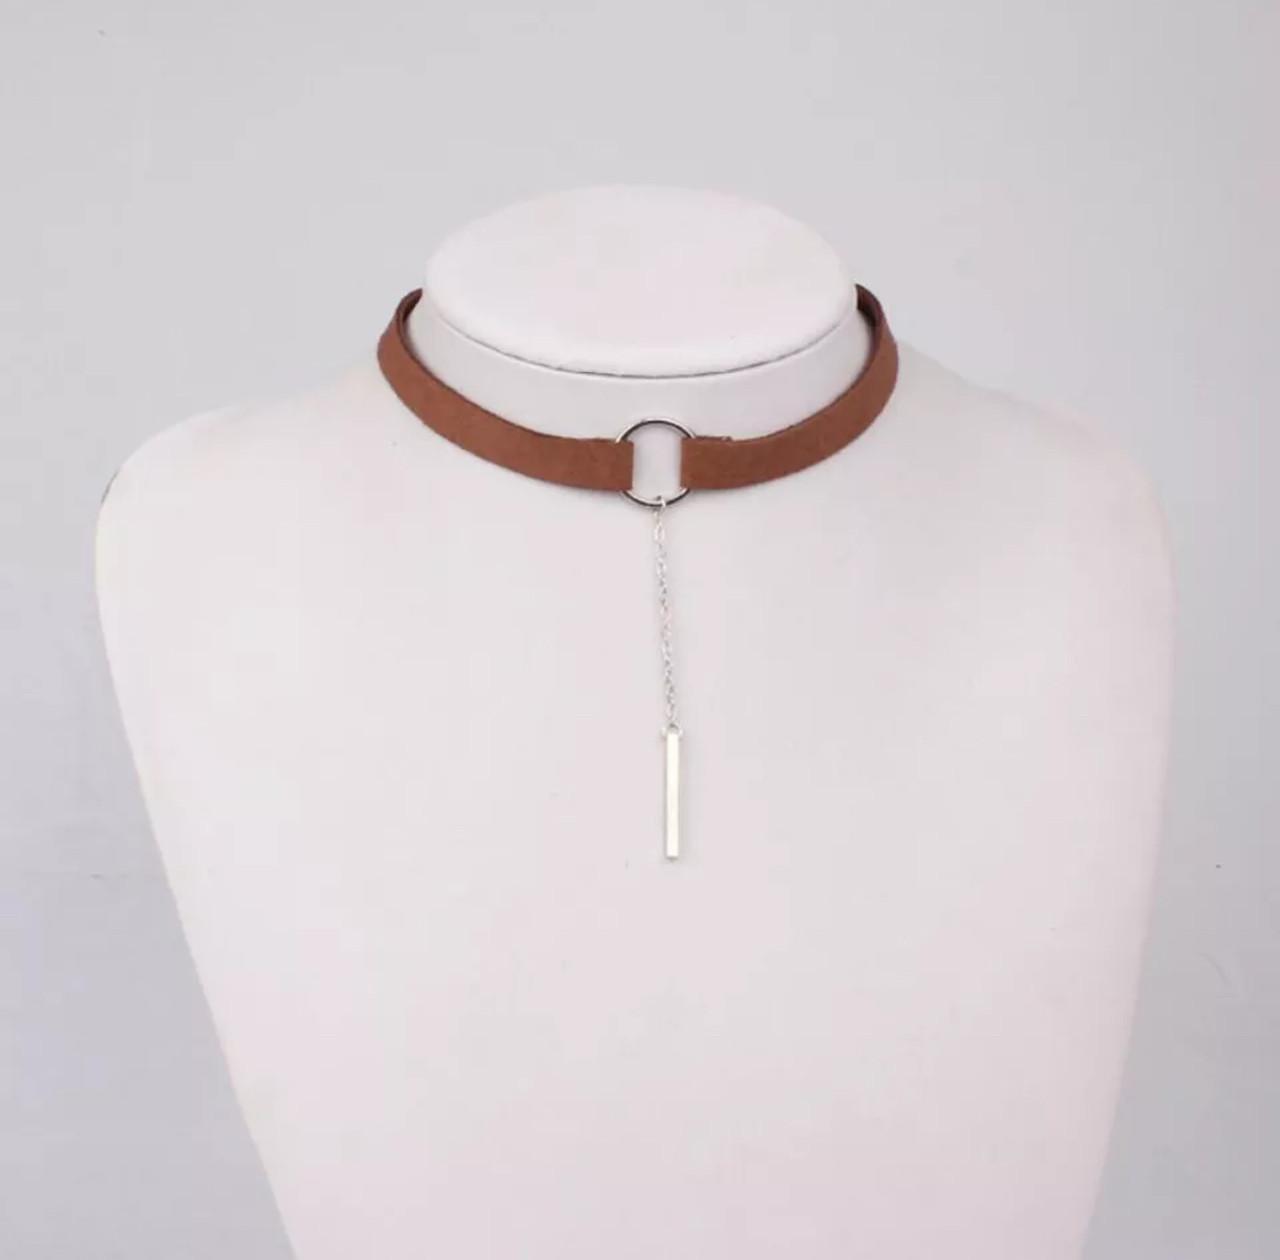 Чокер женский замшевый с подвеской бижутерия для девушек «Tiny» (коричневый)